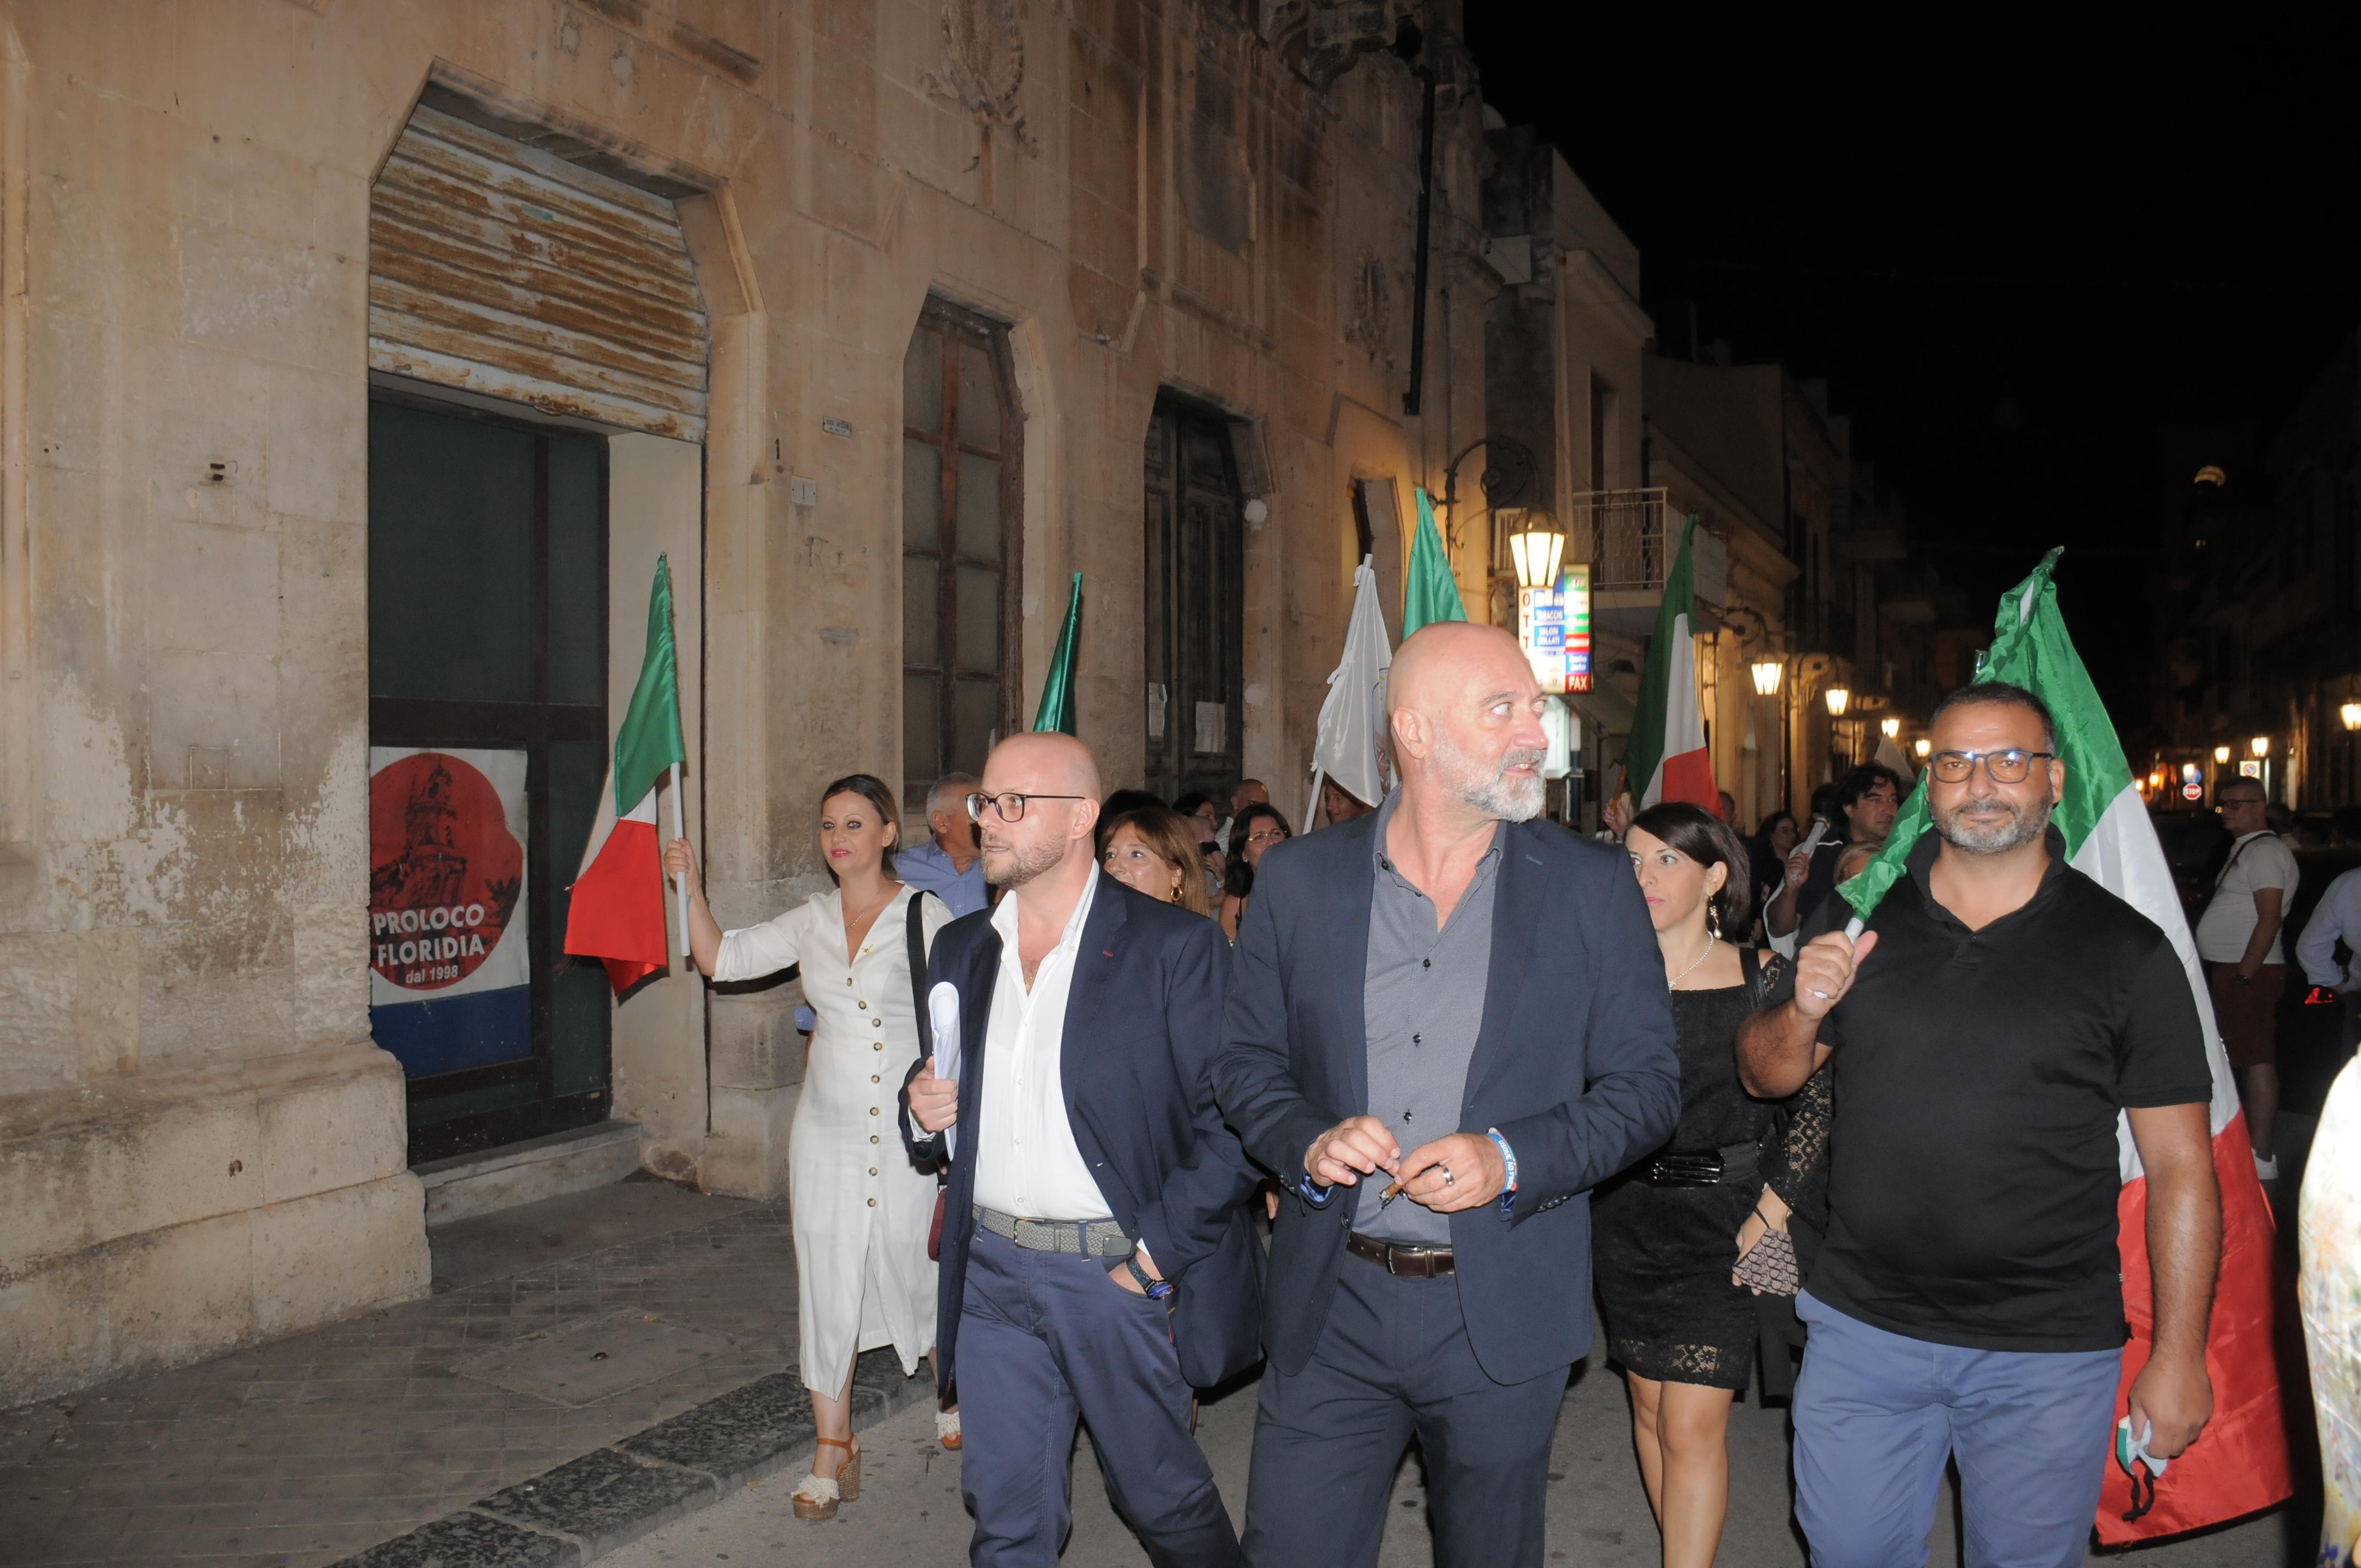 Parata di Fdi a Floridia, al debutto di Fontana: Luca Cannata scuote la piazza